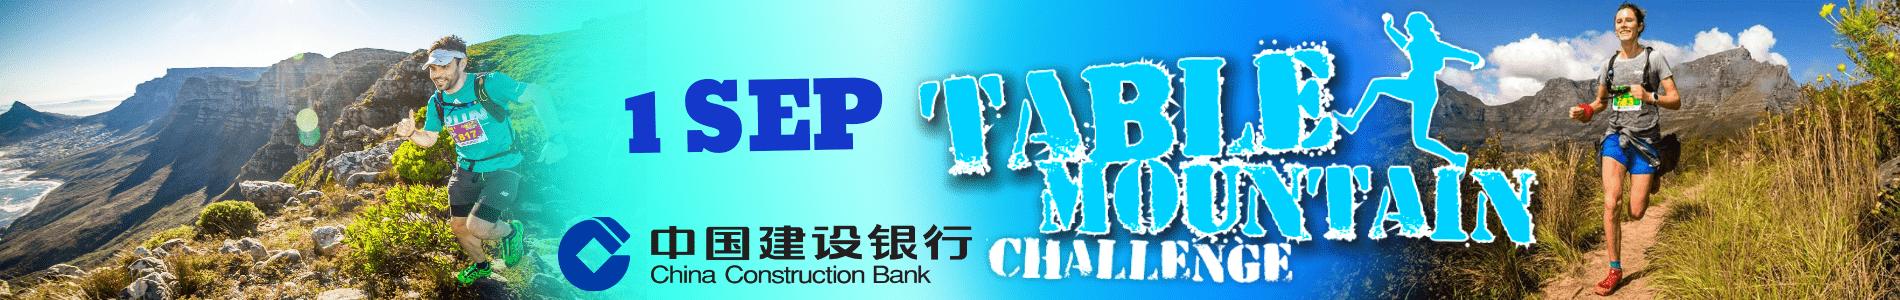 TMC Banner Website